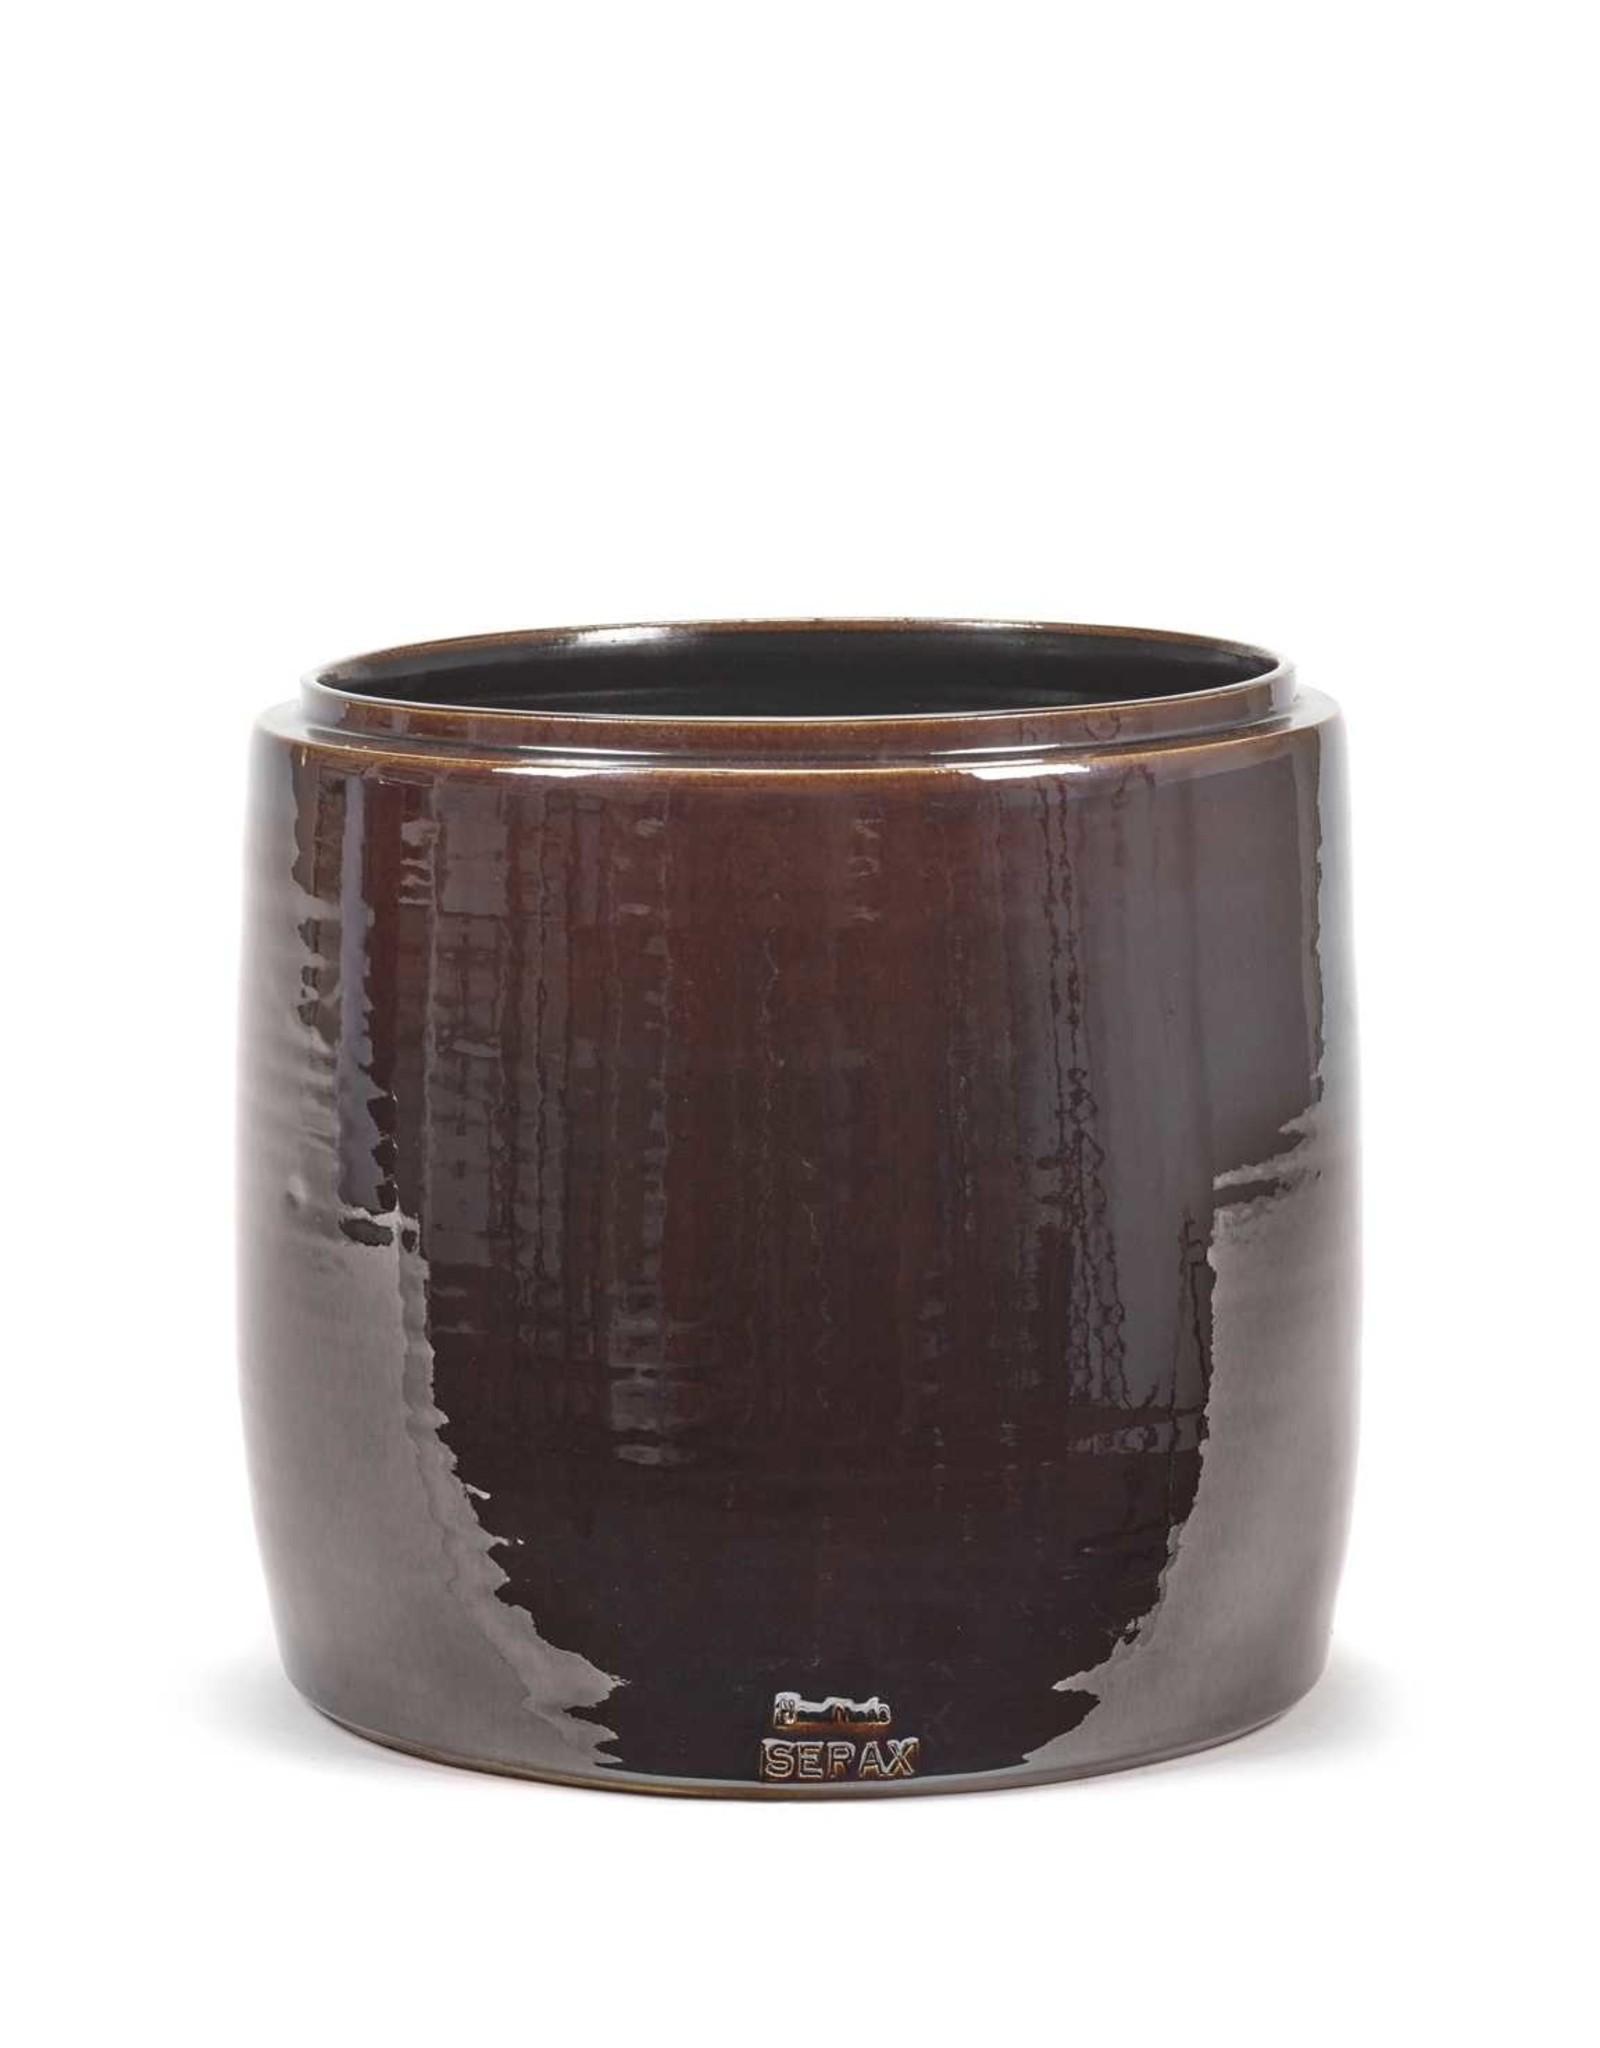 Serax Flower Pot Brown - S